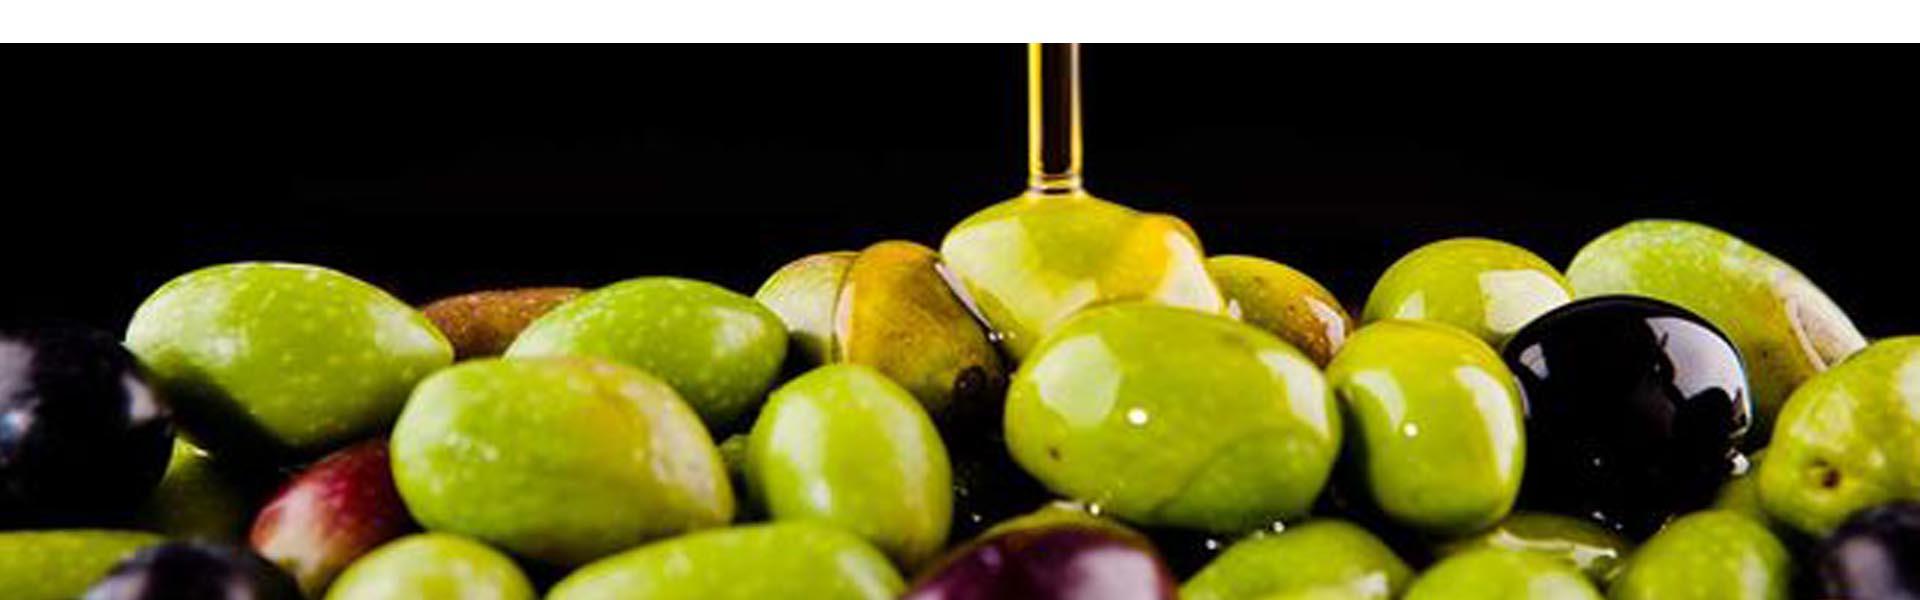 AOVE y aceite de oliva